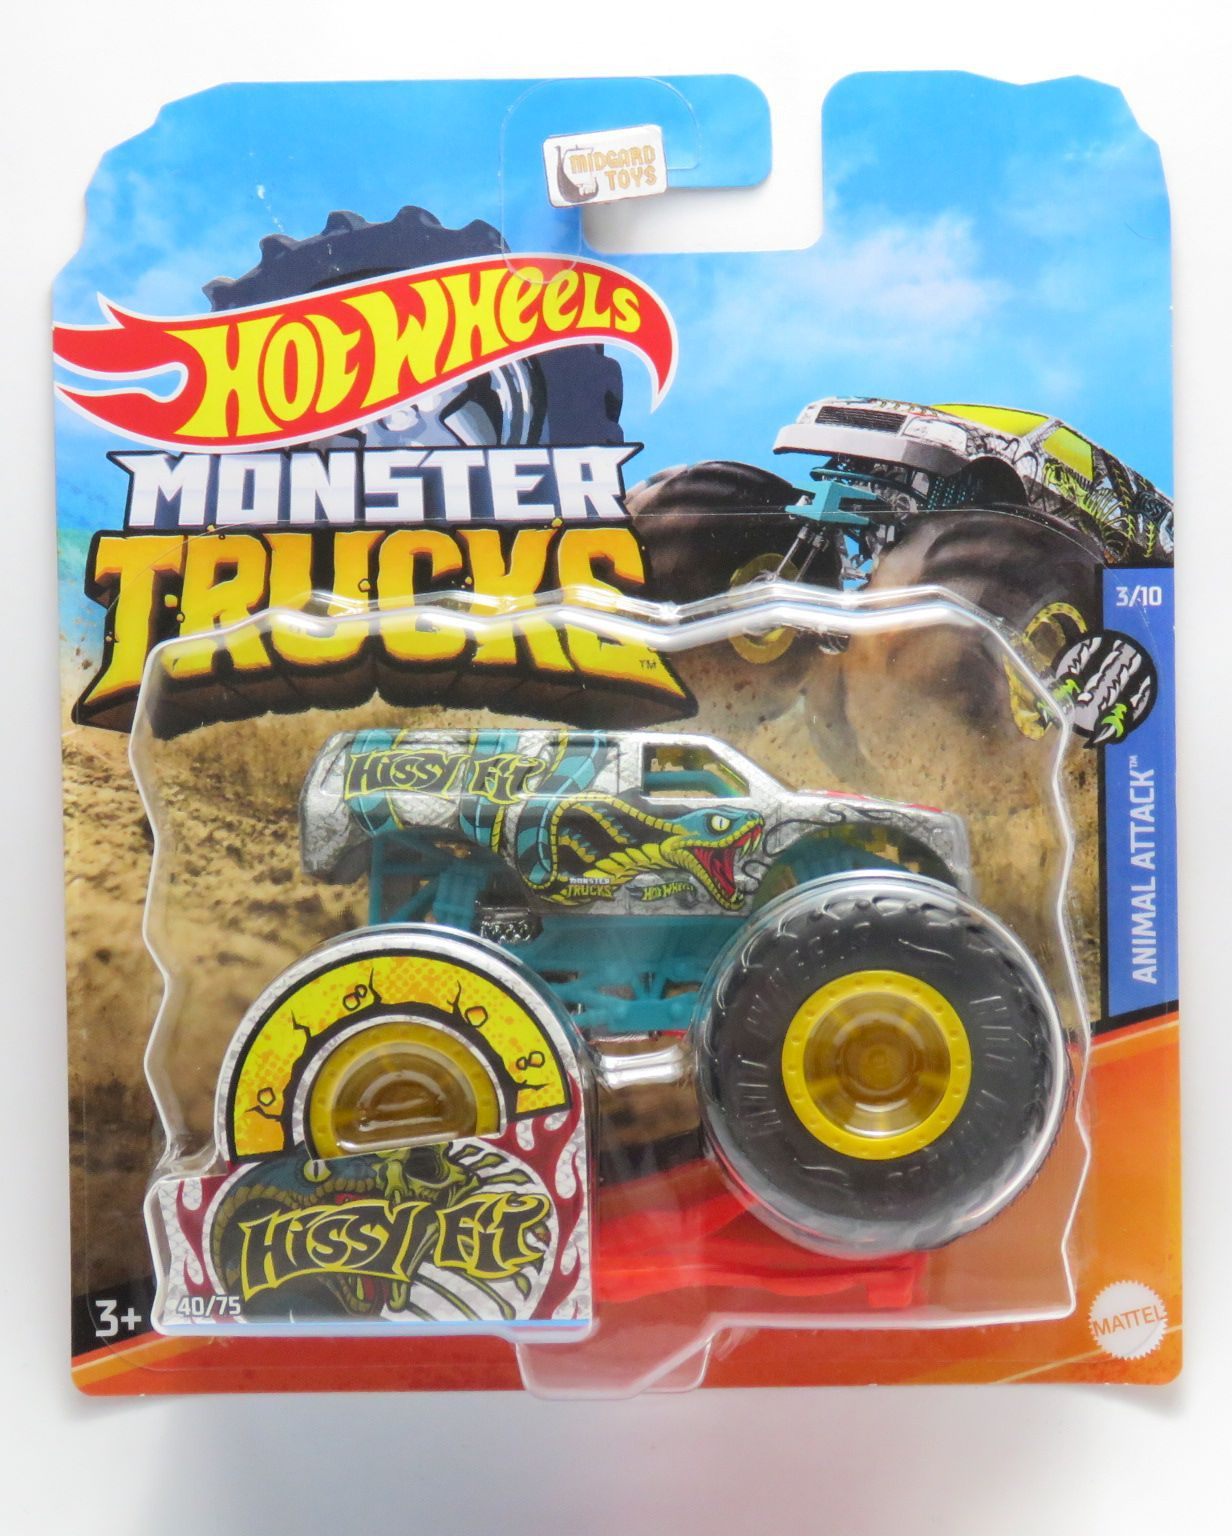 Midgard Toys Os Melhores Artigos De Todo O Reino Monster Trucks Kissy Fit 40 1 64 Hot Wheels